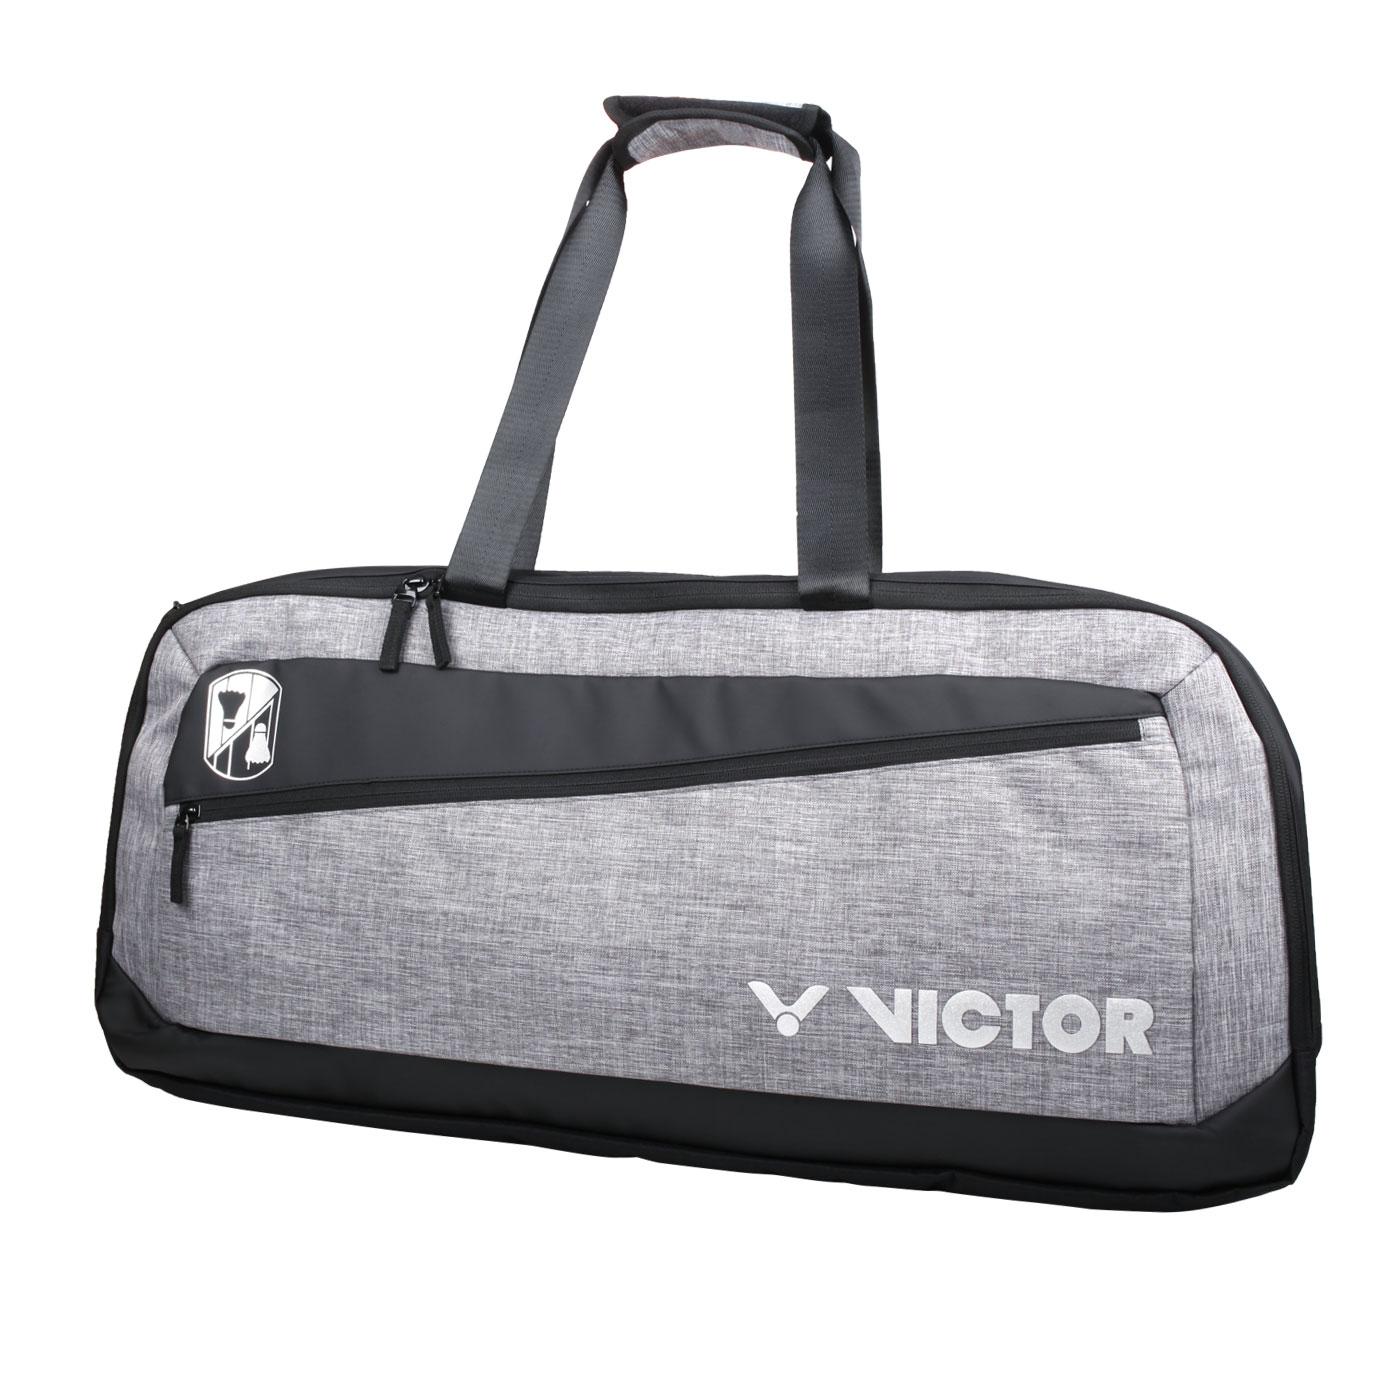 VICTOR 6支裝矩形包 BR3622FC - 灰黑銀